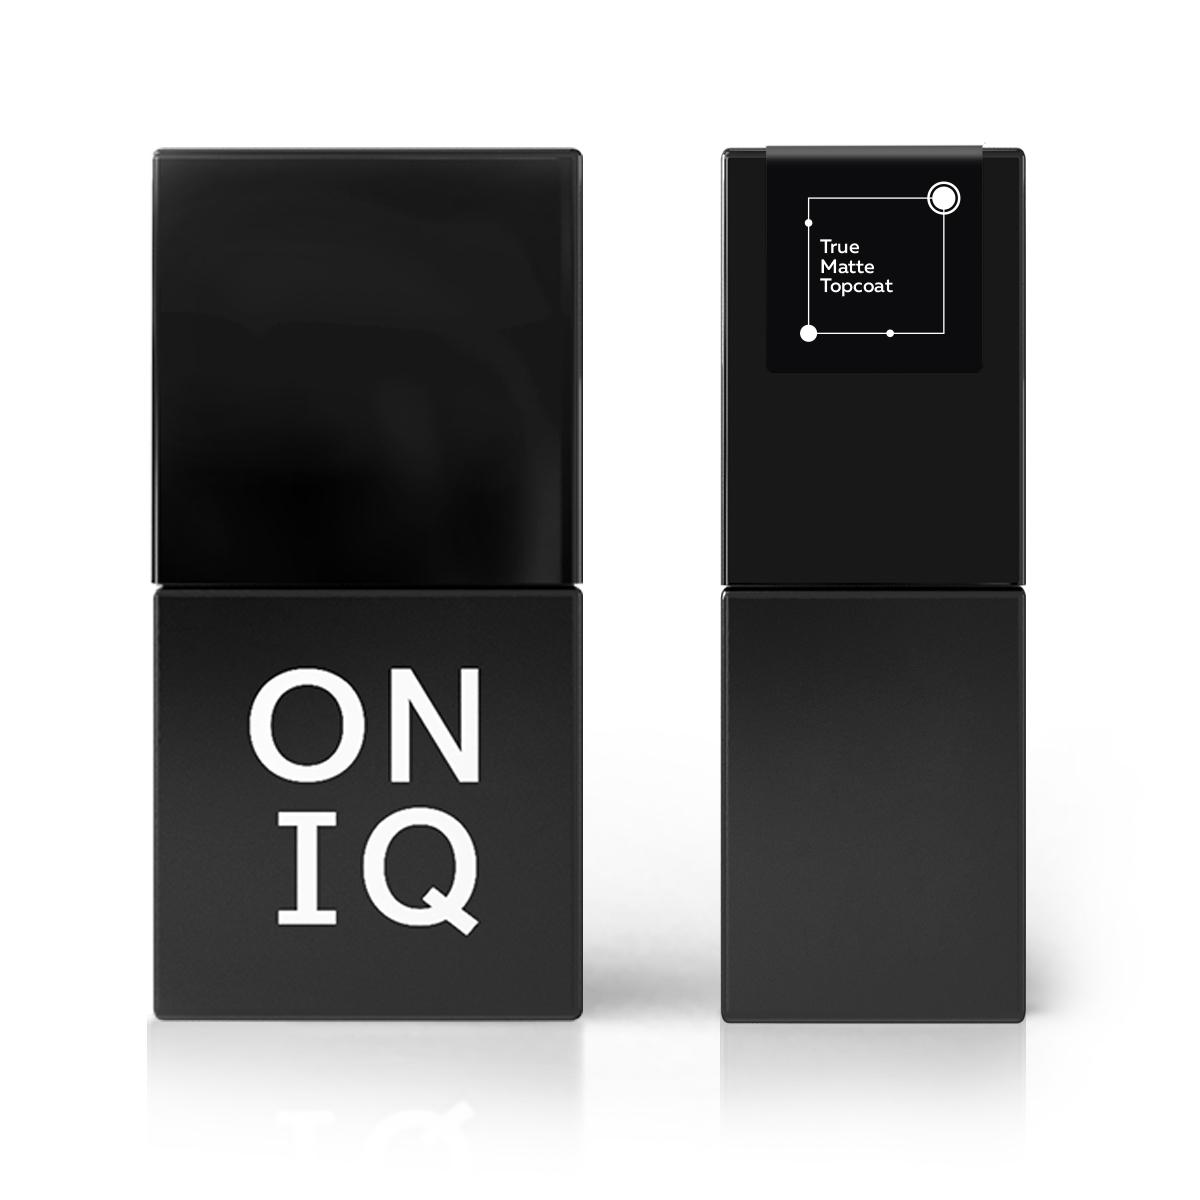 ONIQ Покрытие финишное с матовым эффектом 10 мл - Особые средства